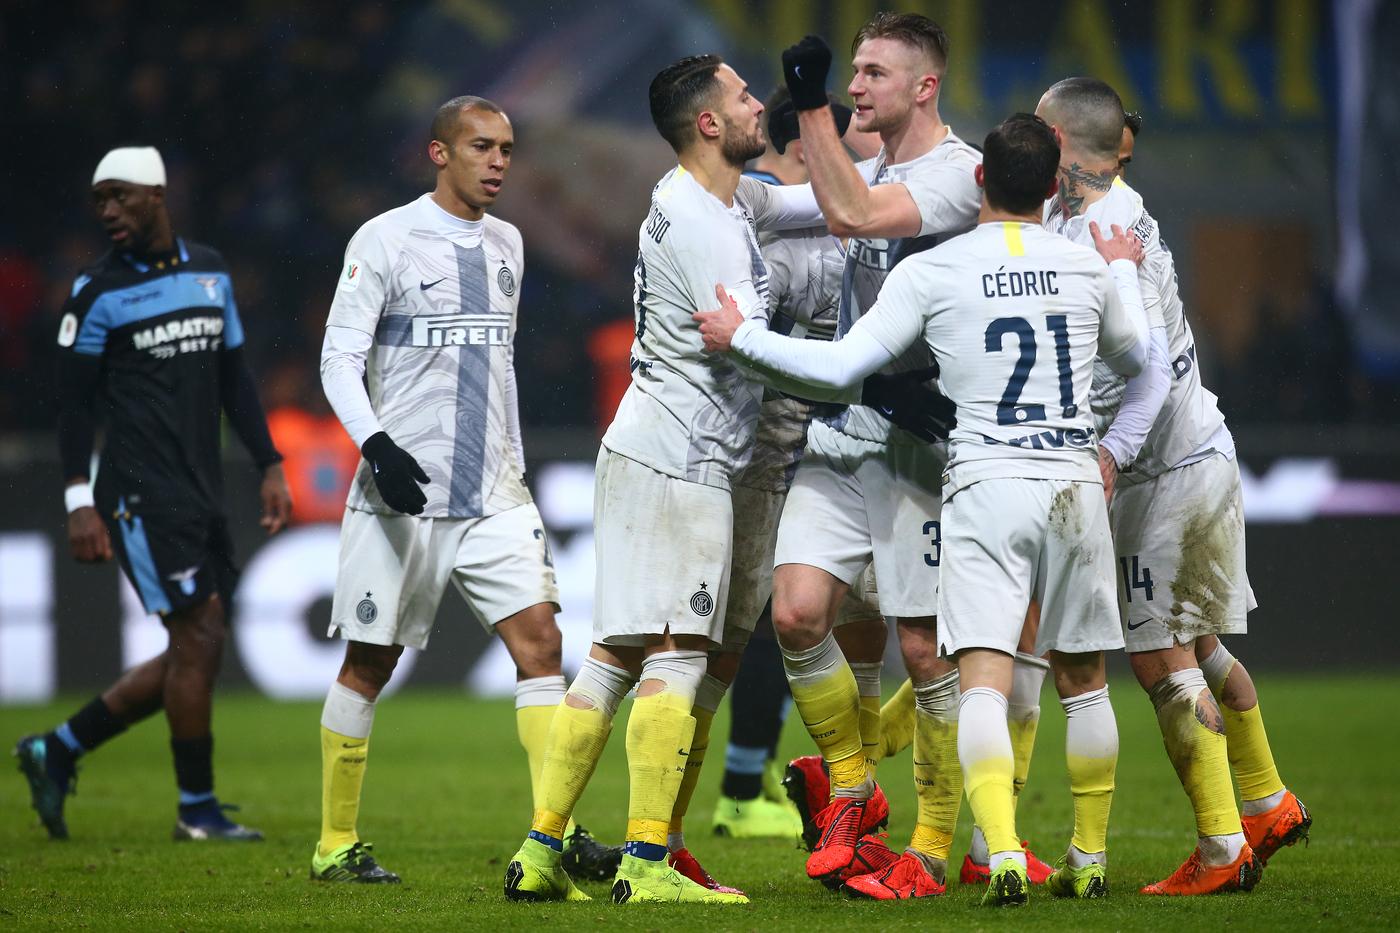 Inter vs Lazio - Coppa Italia - Quarti di finale 2018/2019